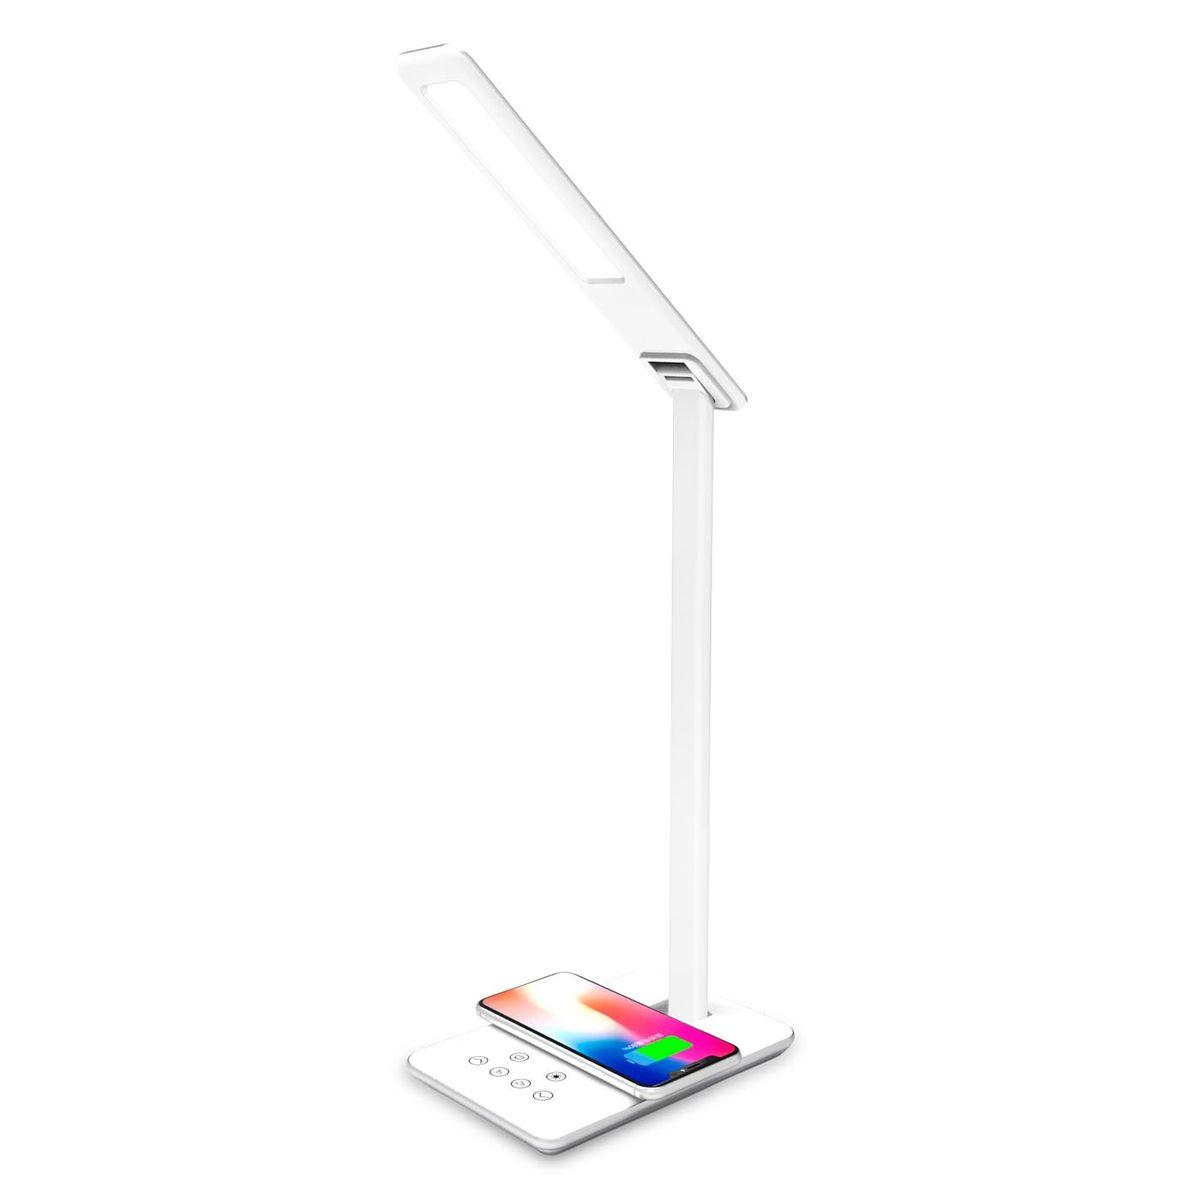 Настольная лампа Ambrella light DE581 Desk (Зарядная платформа)